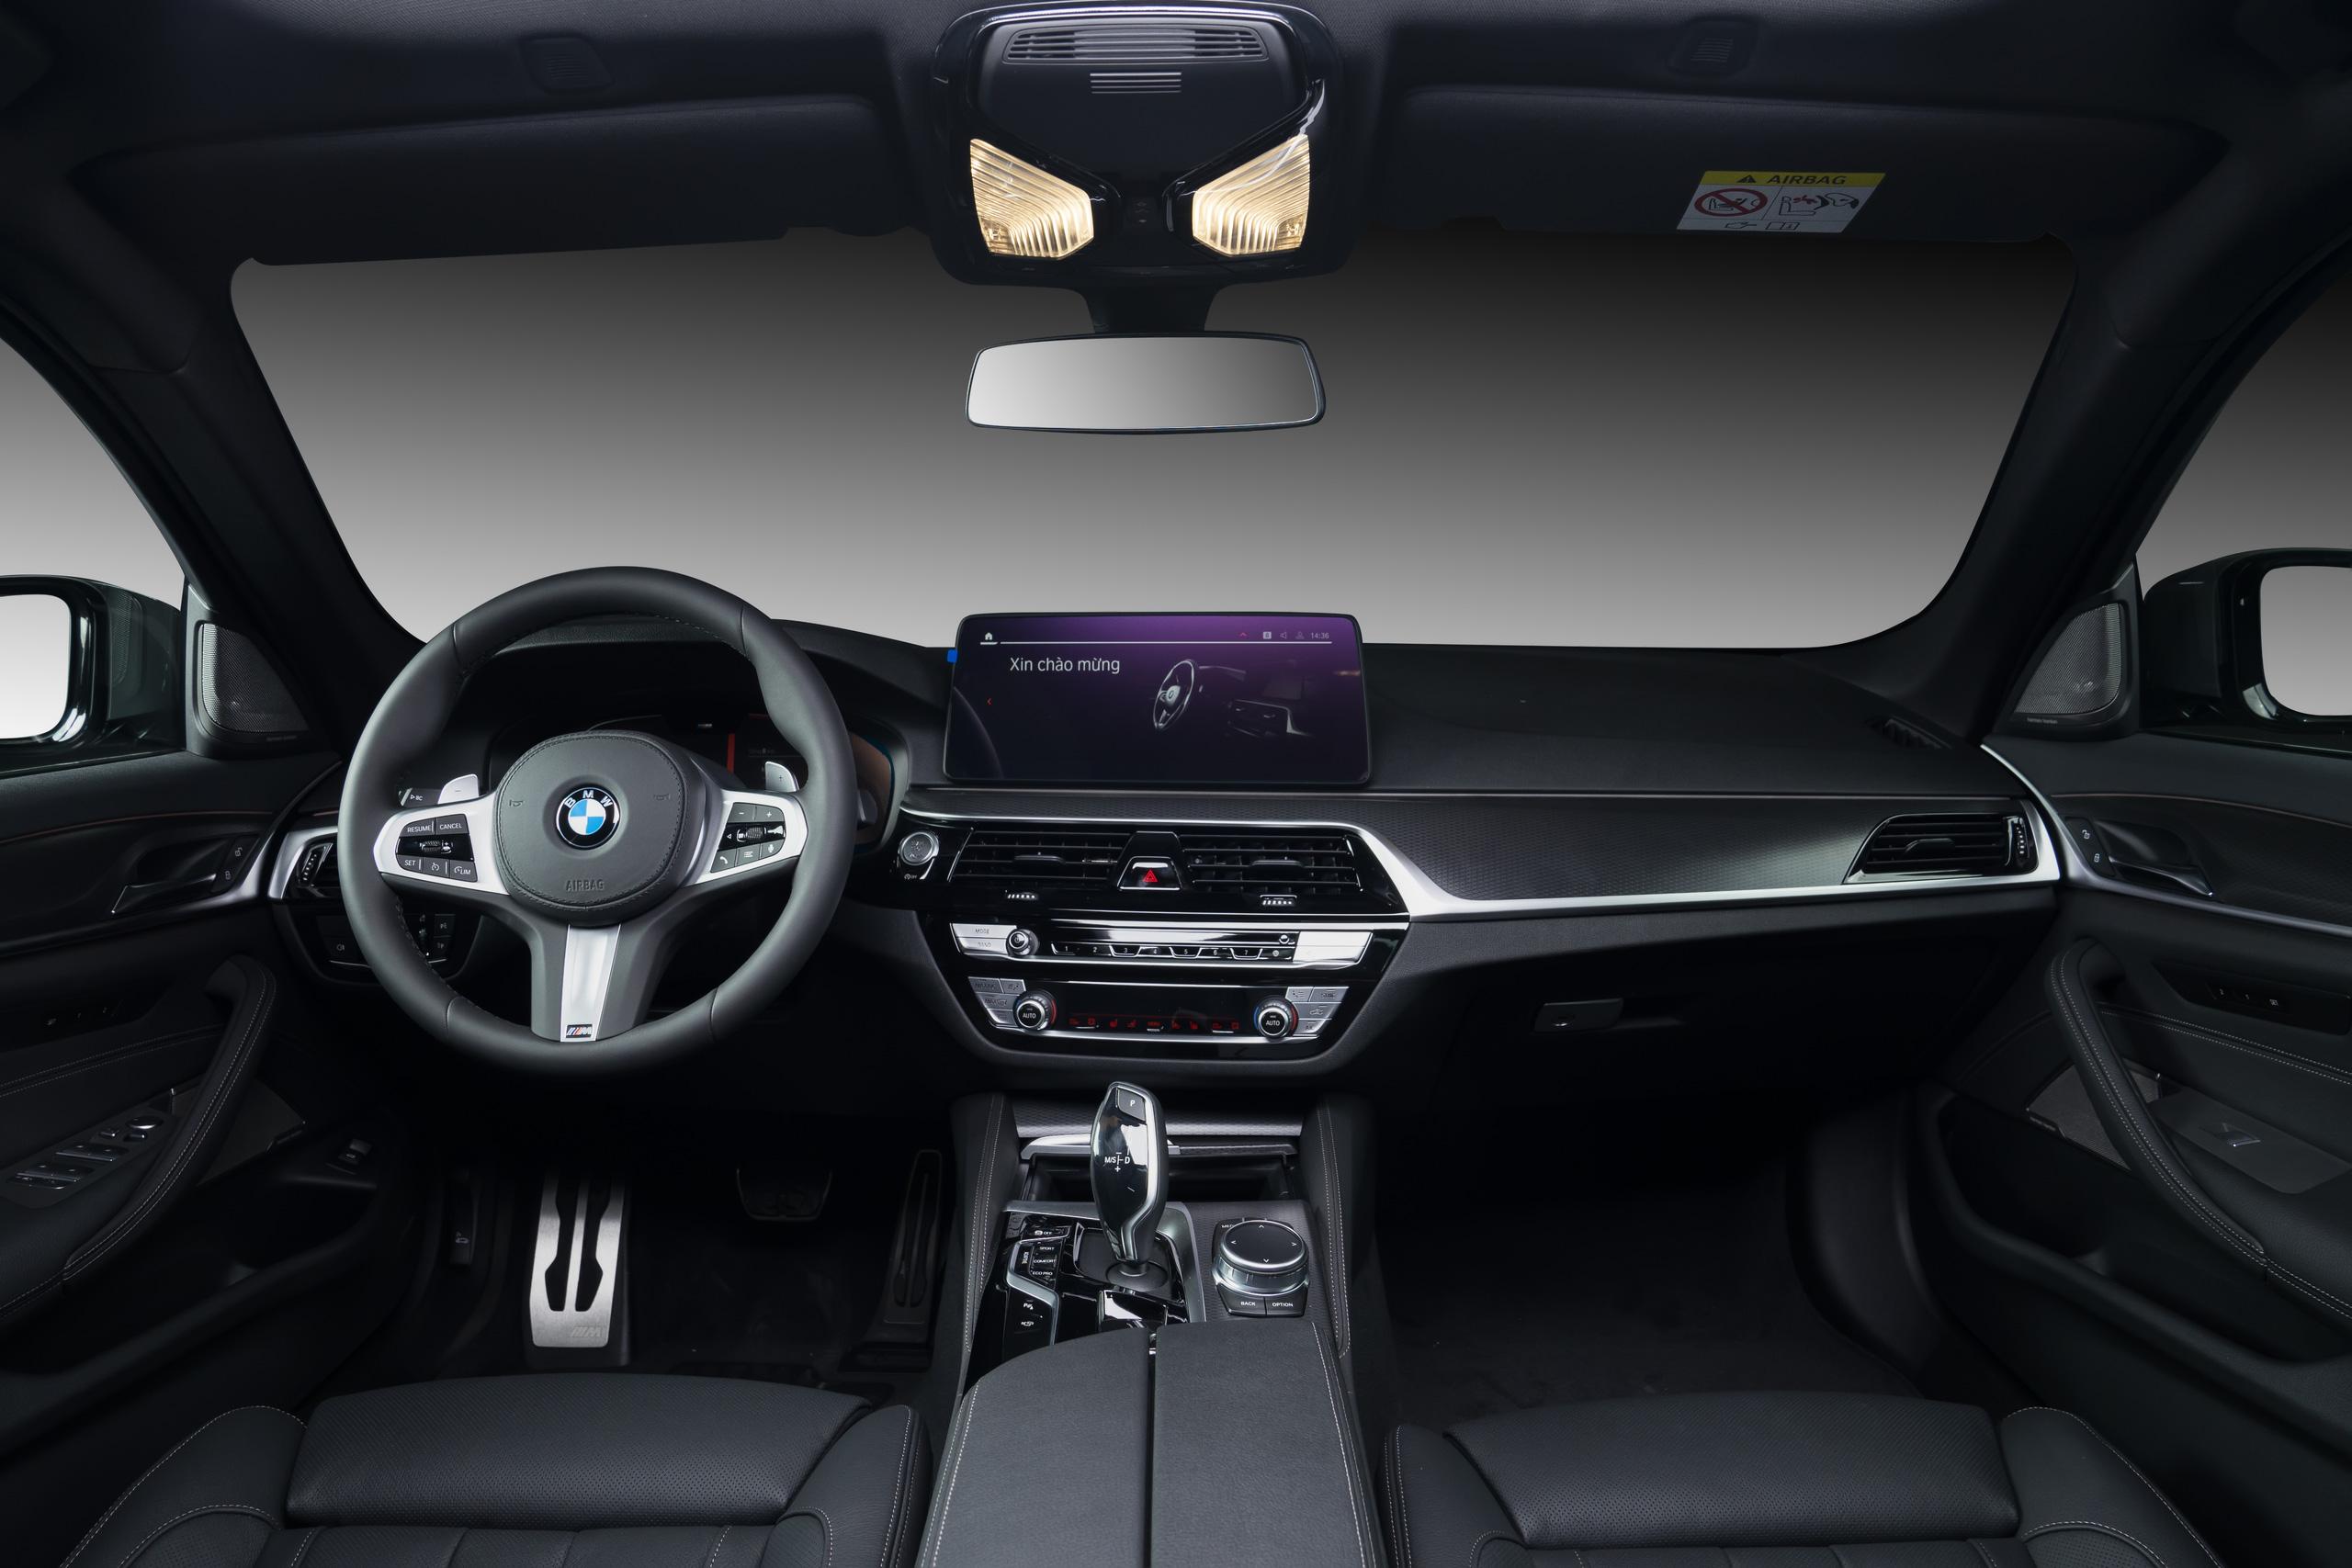 Bộ ba phiên bản BMW 5 series tại Việt Nam - Ảnh 2.